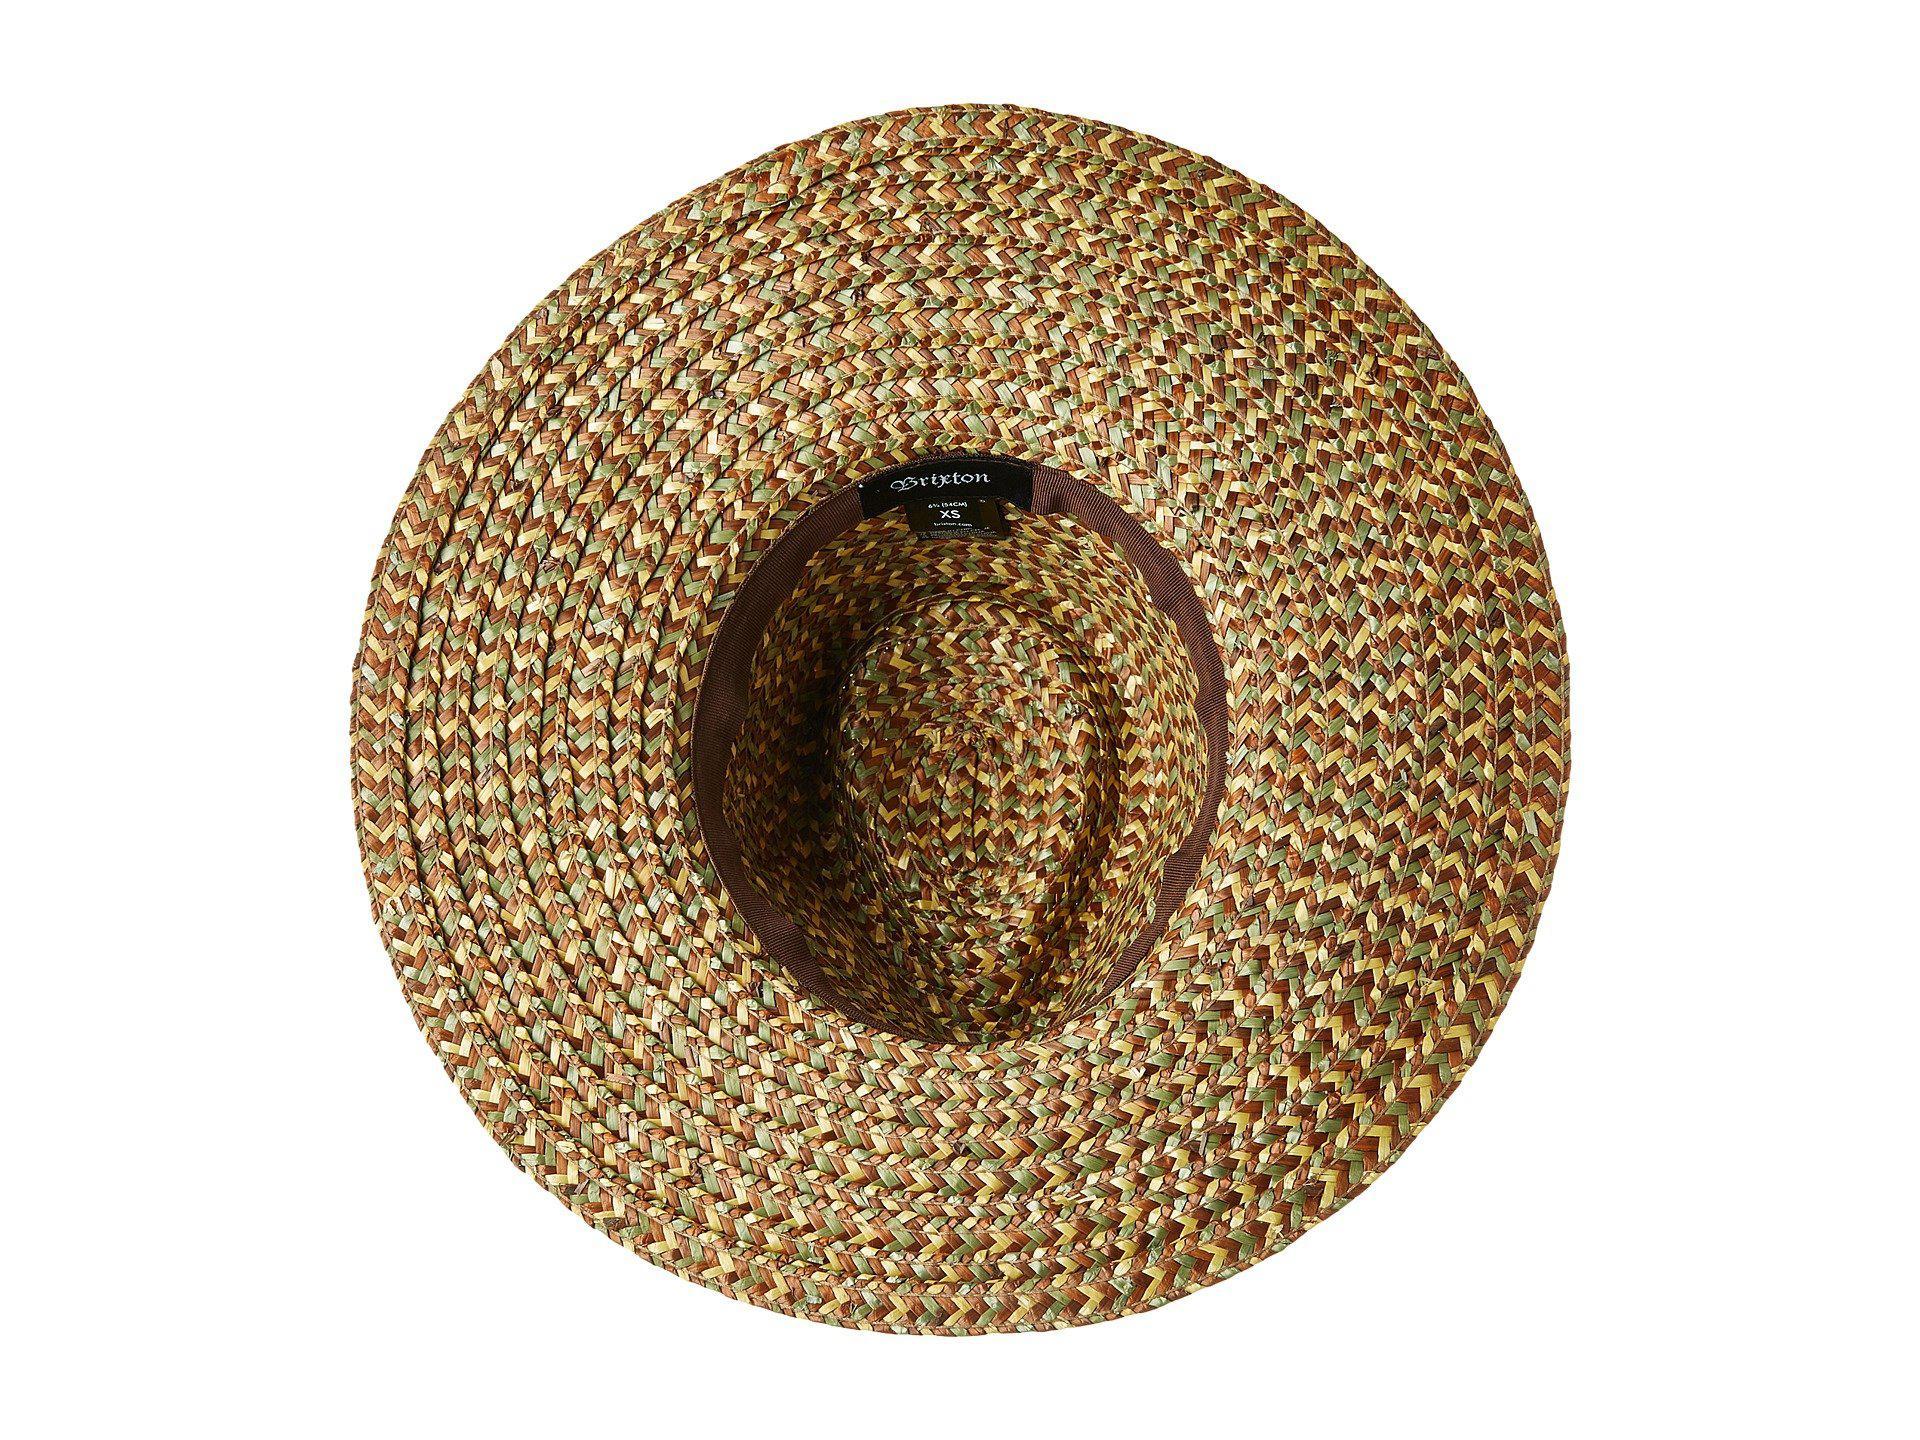 825087b9f96 Brixton - Metallic Joanna Hat (washed Black brown) Caps - Lyst. View  fullscreen